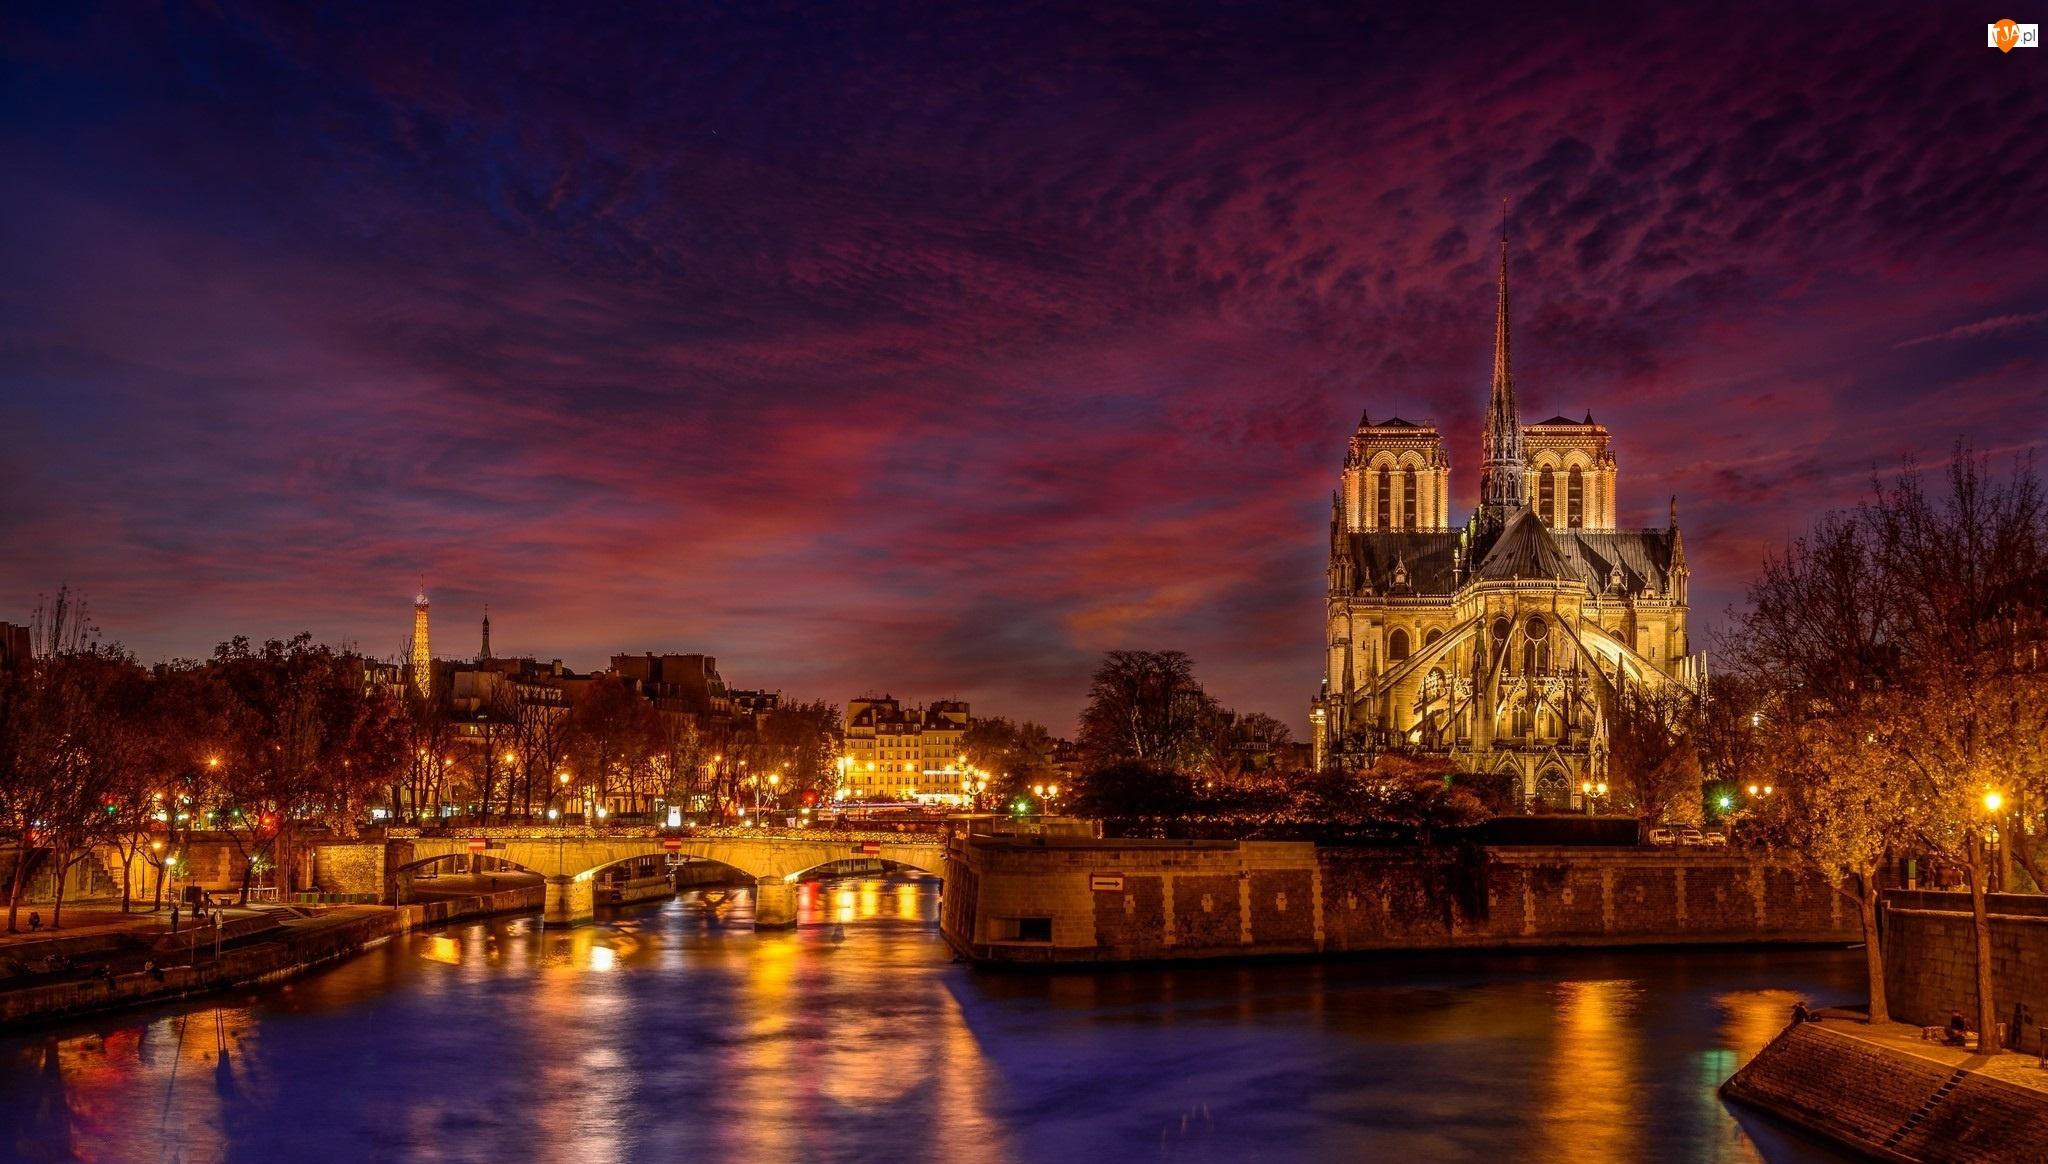 Paryż, Francja, Rzeka Sekwana, Most, Katedra Notre-Dame, Światła